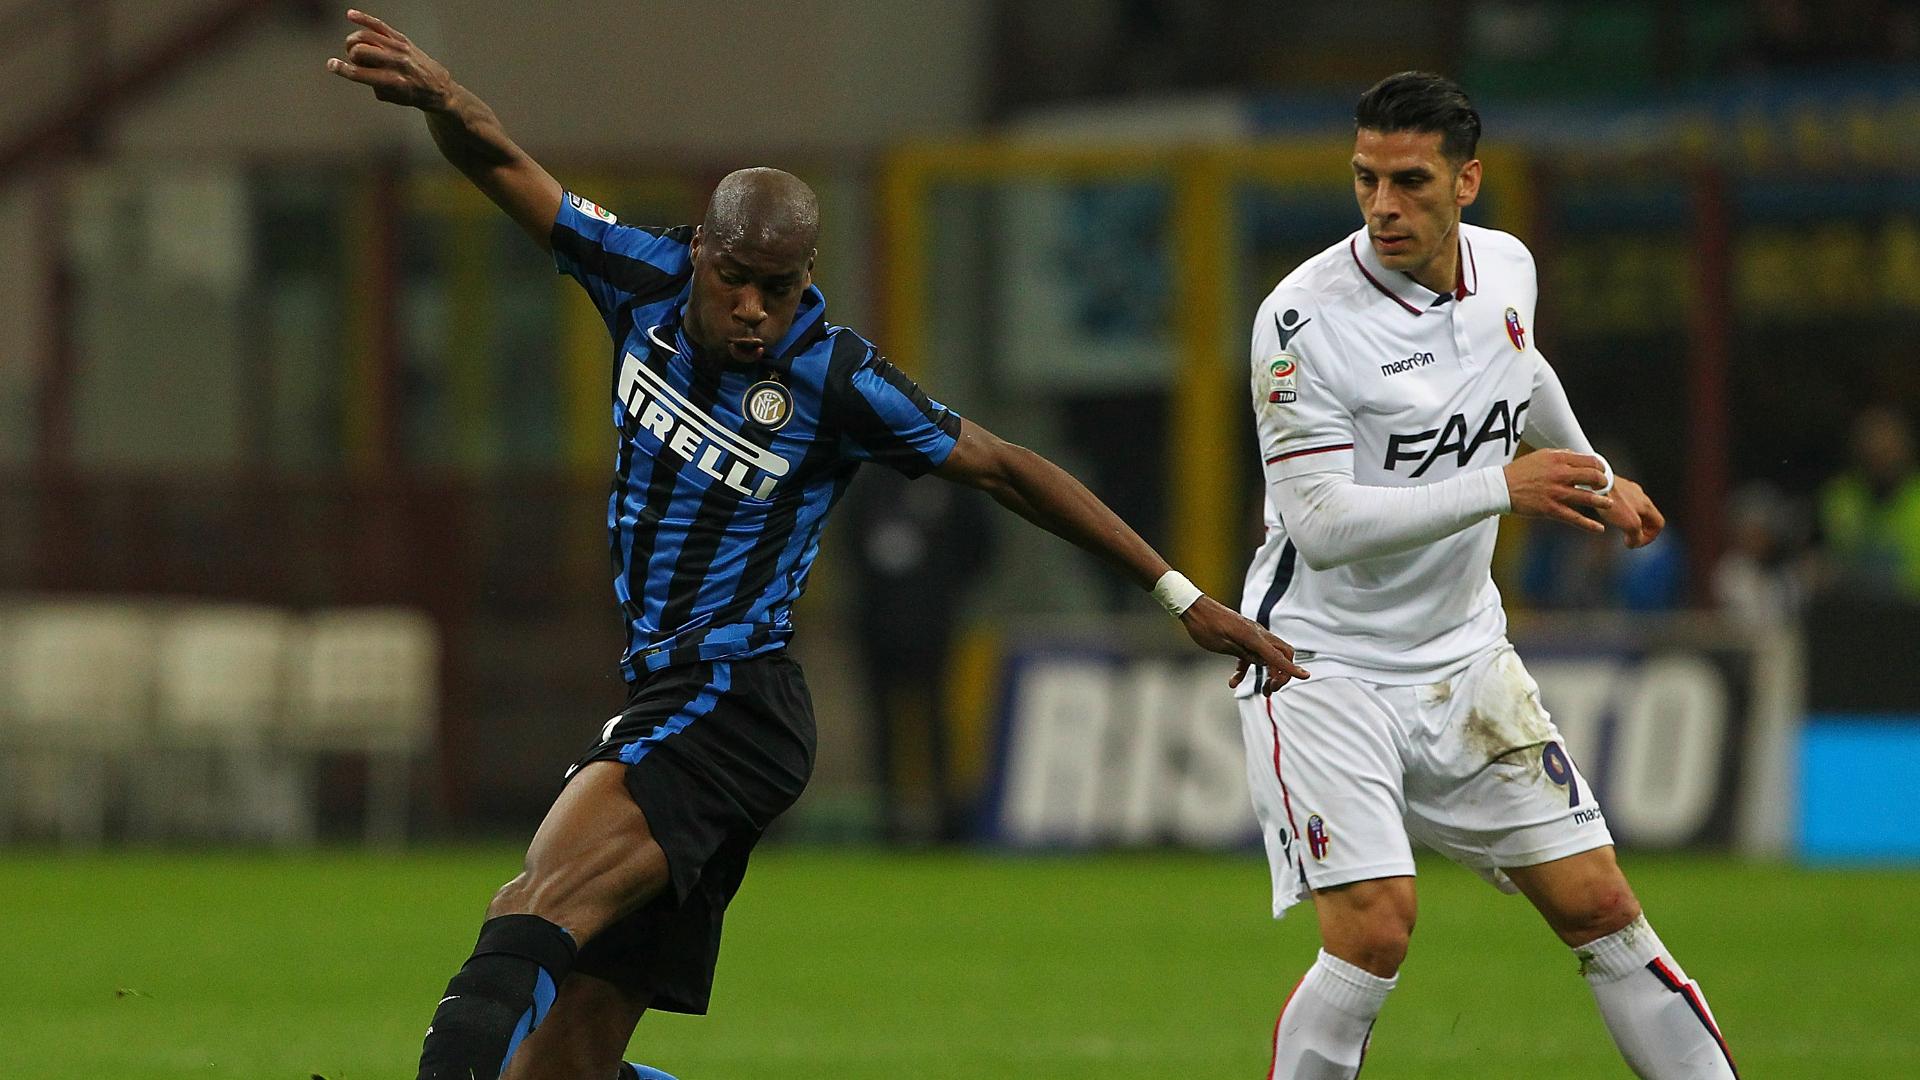 Inter kondogbia non molla un sogno giocare con tour - Ho un debito con equitalia ...